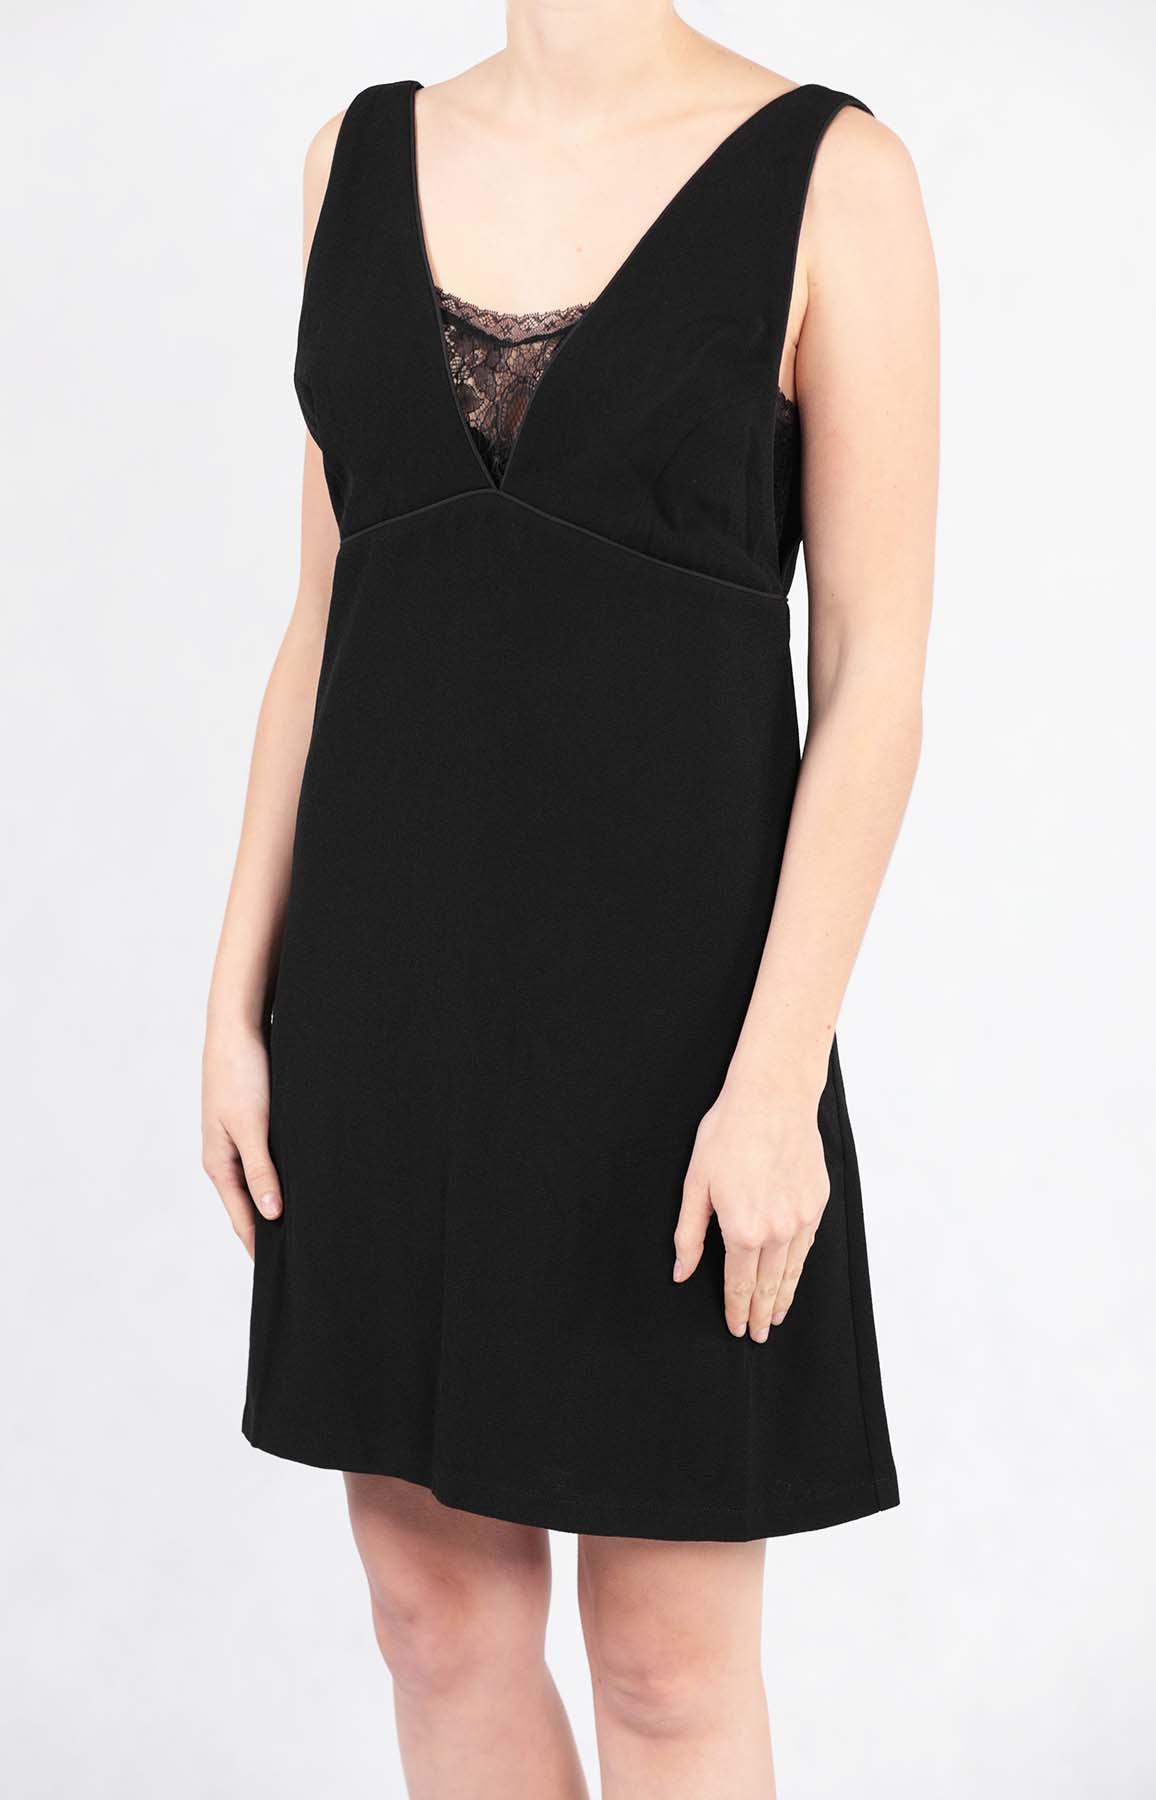 Kleider | Fashion | Sortiment | myonbelle.de: Dein ...